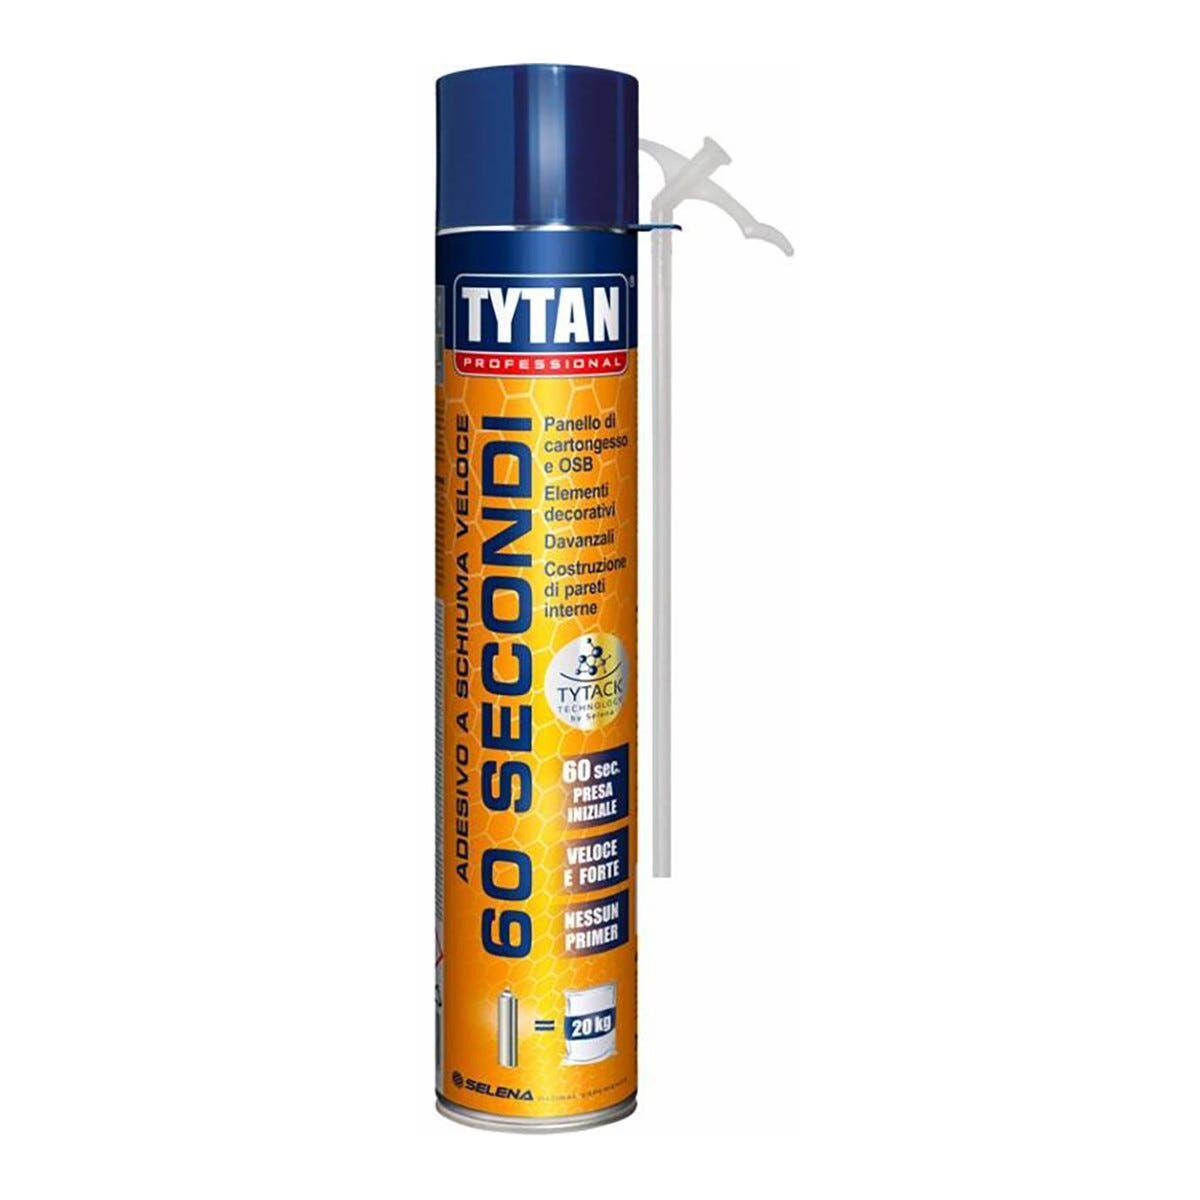 Adesivo A Schiuma Veloce Tytan 750ml 60 Secondi Manuale Per Pannelli Osb E Cartongesso